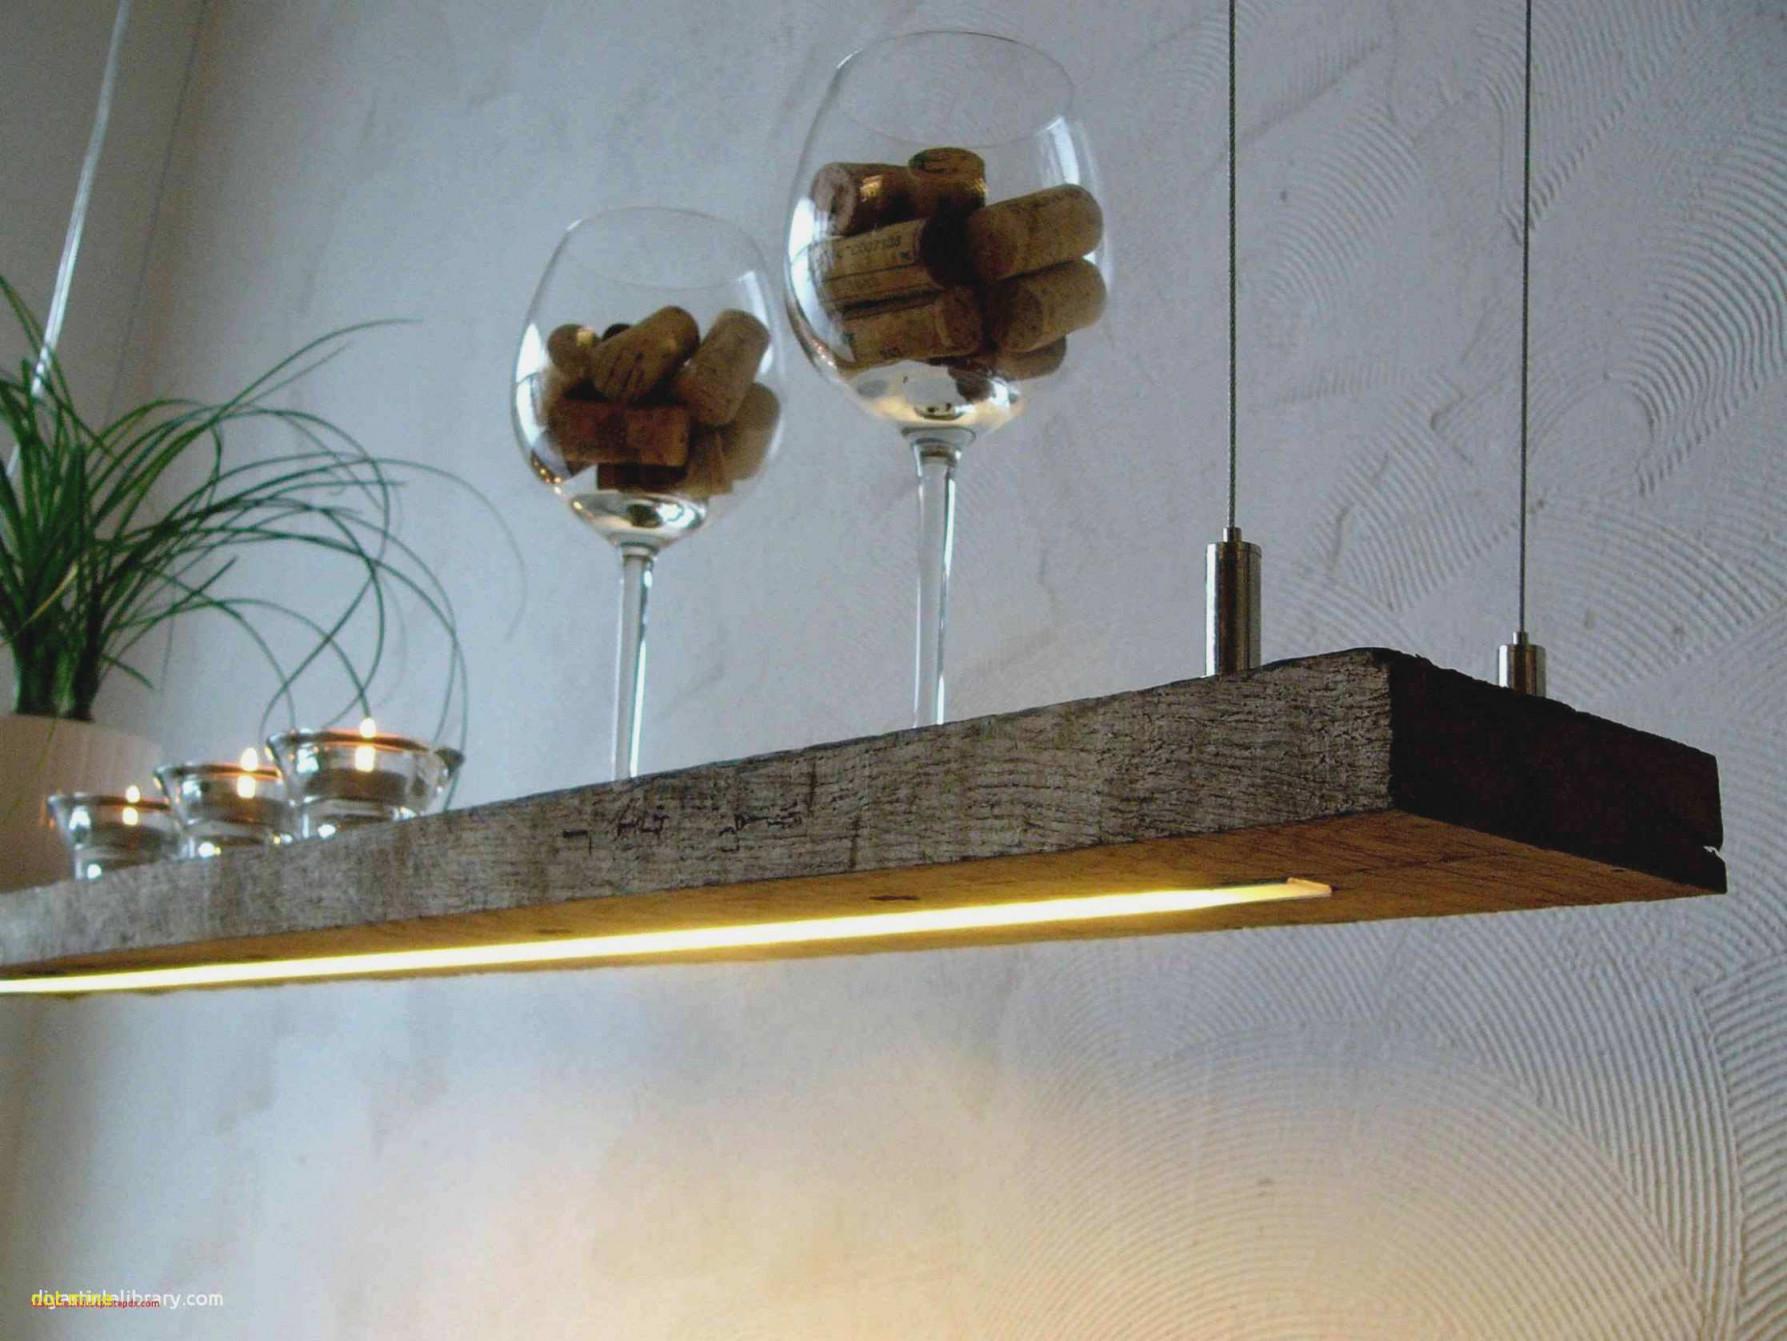 Deckenleuchte Aus Holz Luxus Wohnzimmer Deckenlampe Holz von Deckenleuchte Wohnzimmer Holz Photo